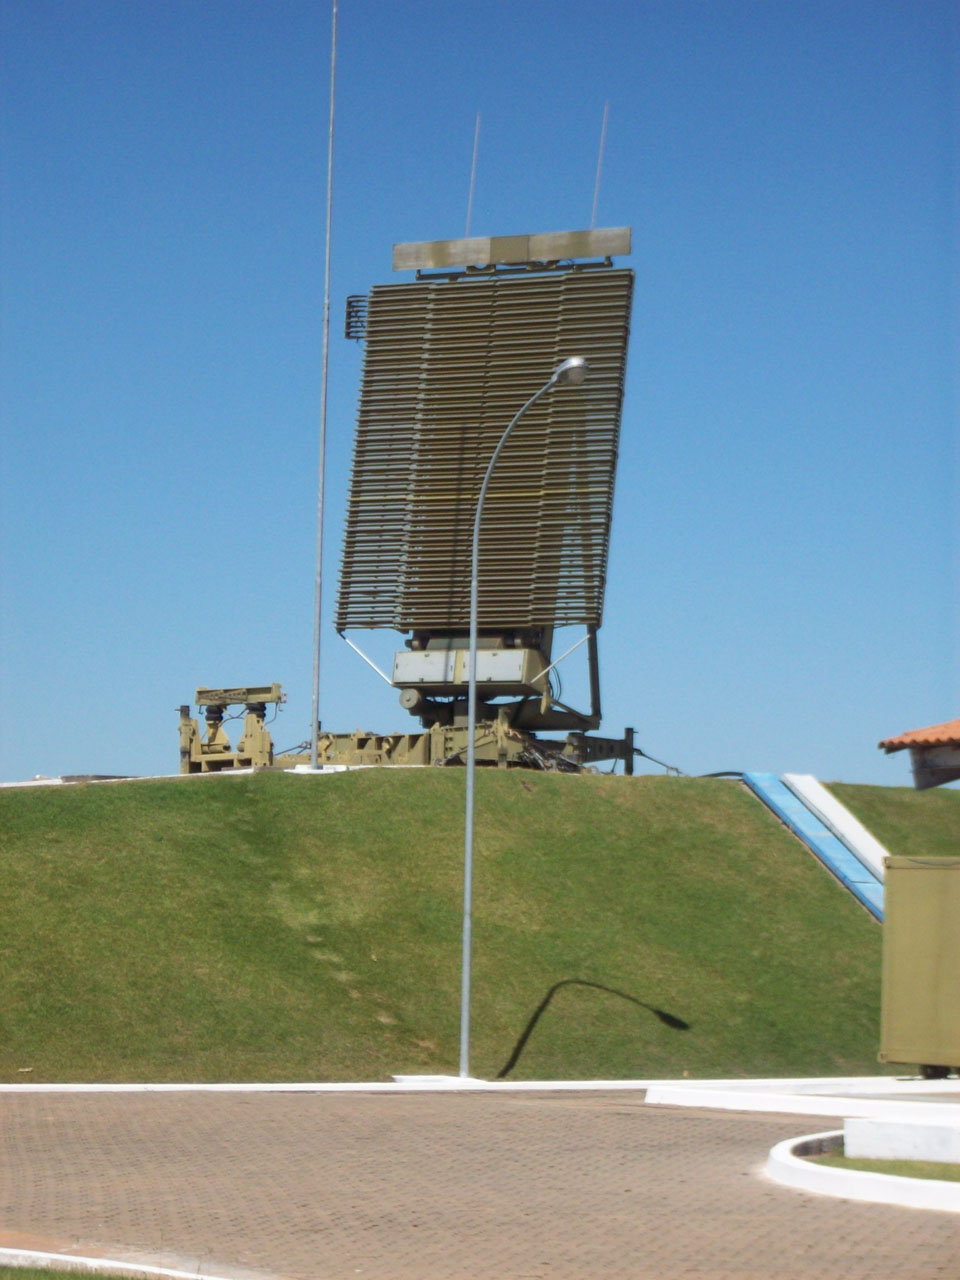 lockheed-martin-tps-77-laad-sivam-radar-image